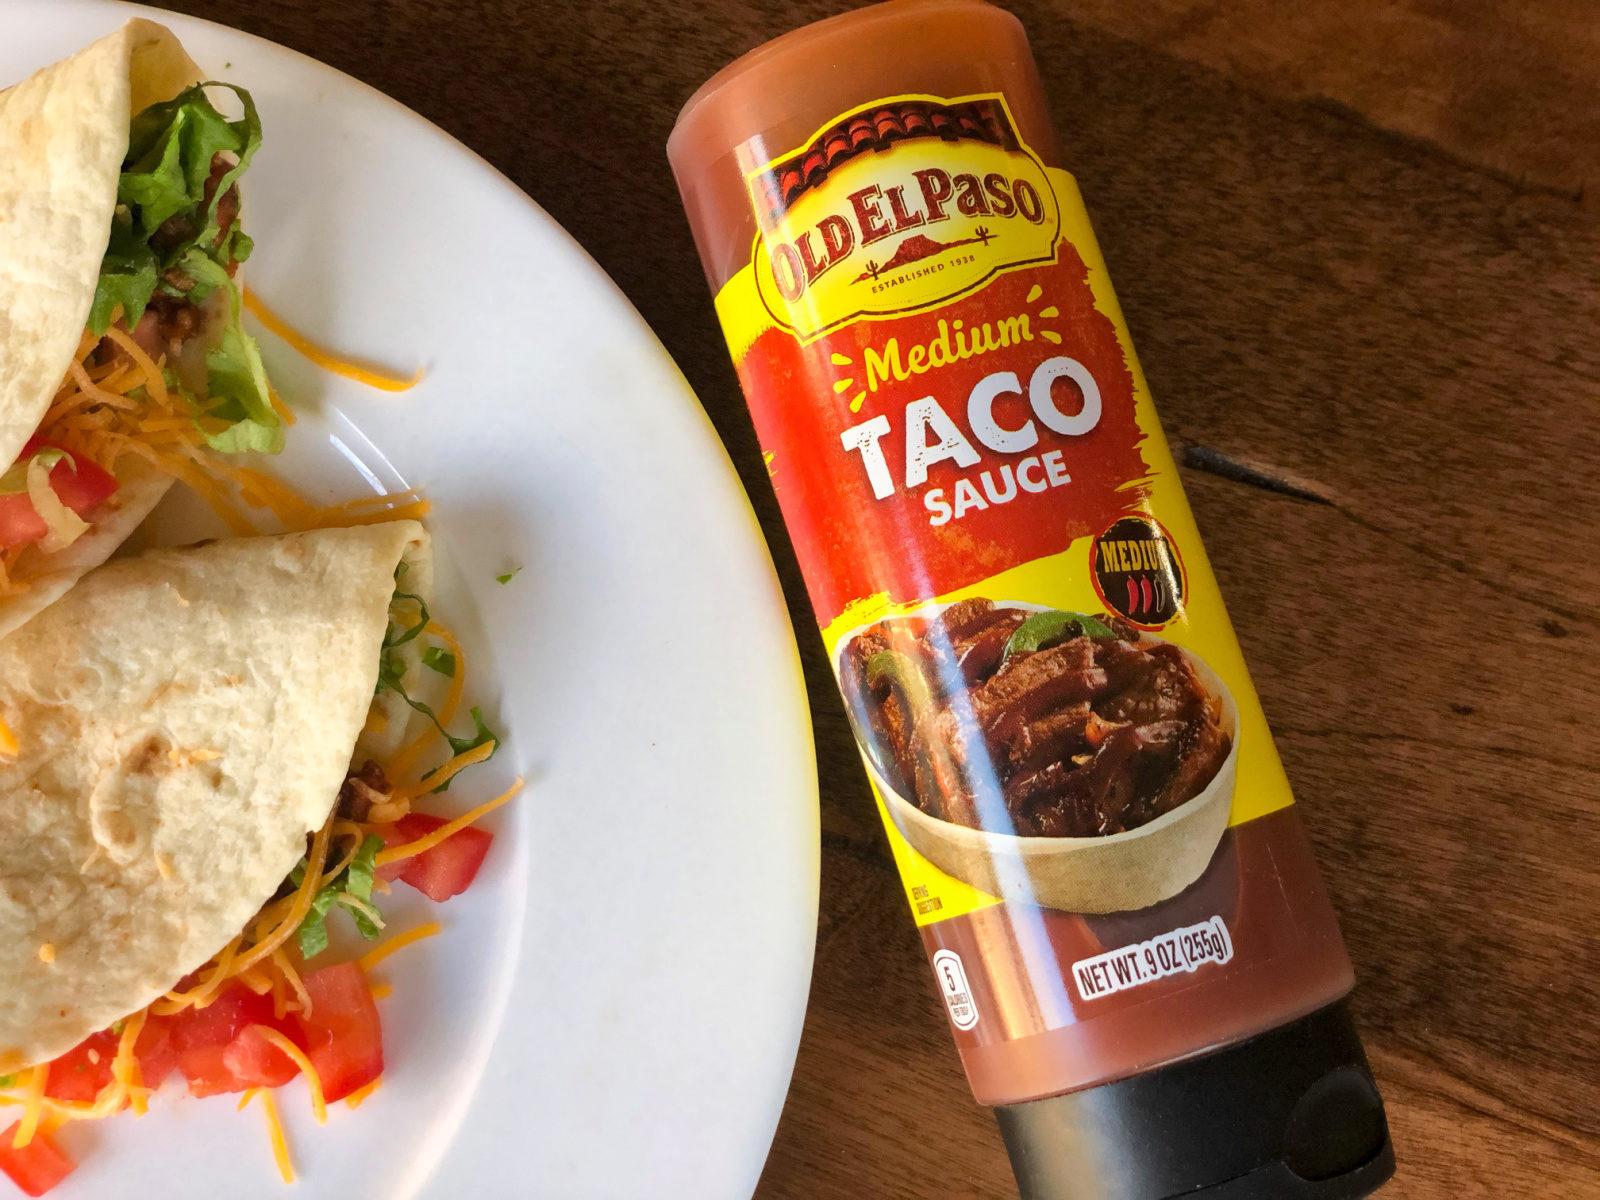 Old El Paso Taco Sauce Just 85¢ At Publix on I Heart Publix